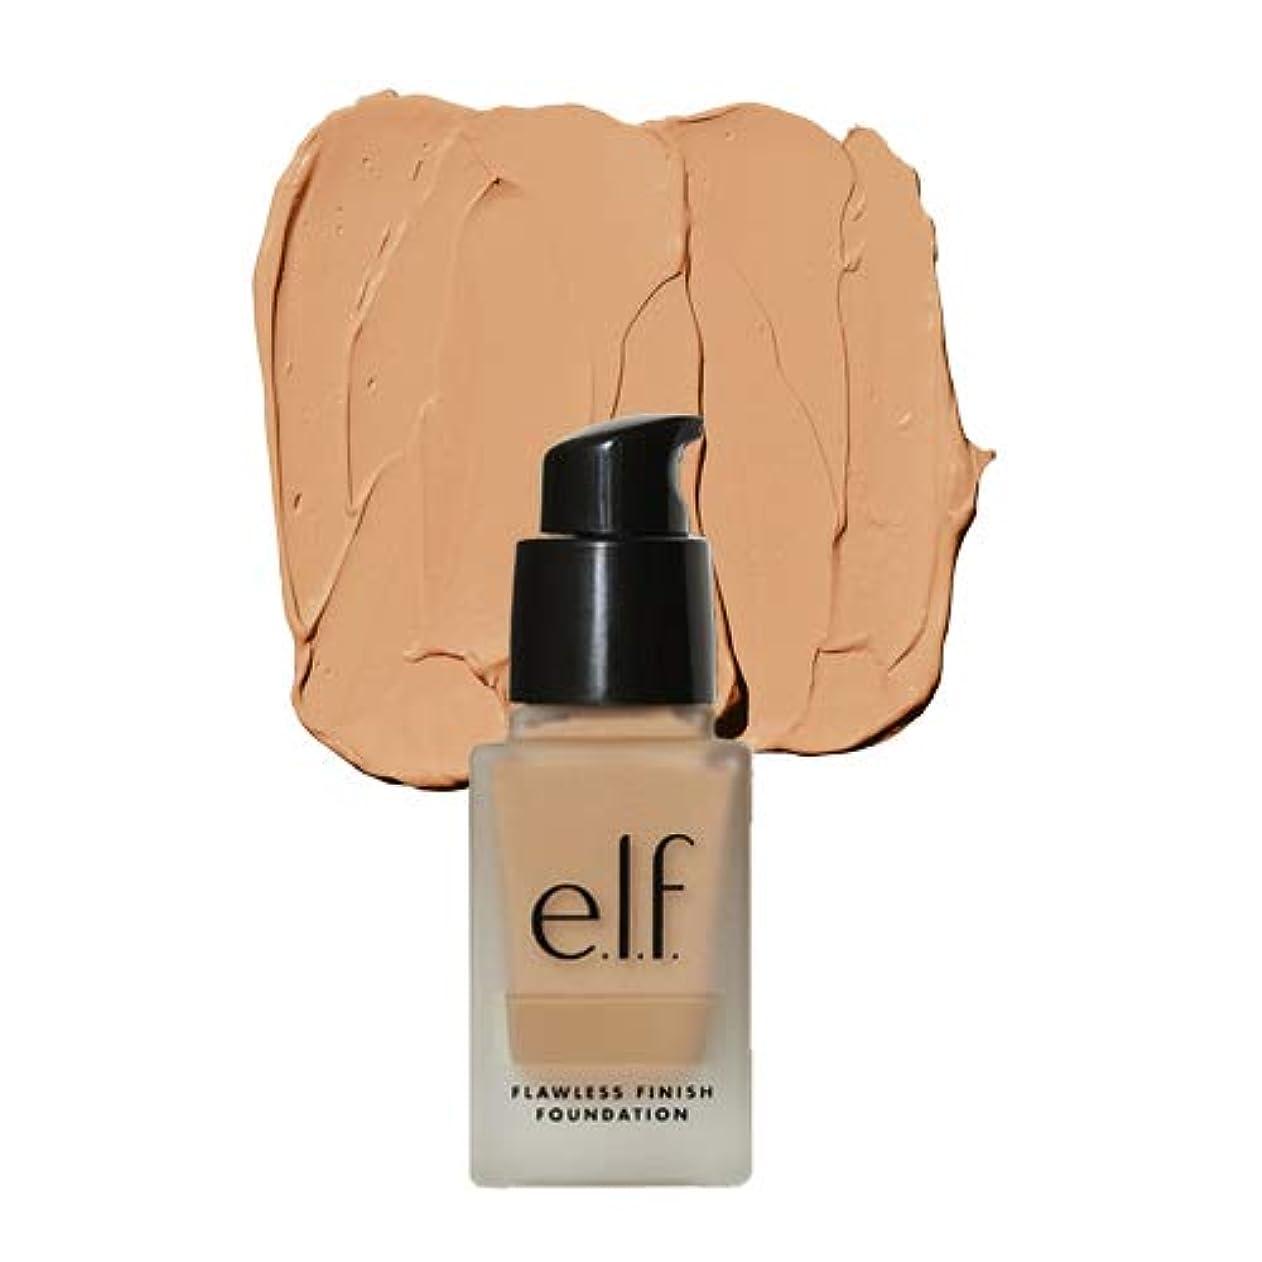 ディスク樹皮楽な(3 Pack) e.l.f. Oil Free Flawless Finish Foundation - Toffee (並行輸入品)